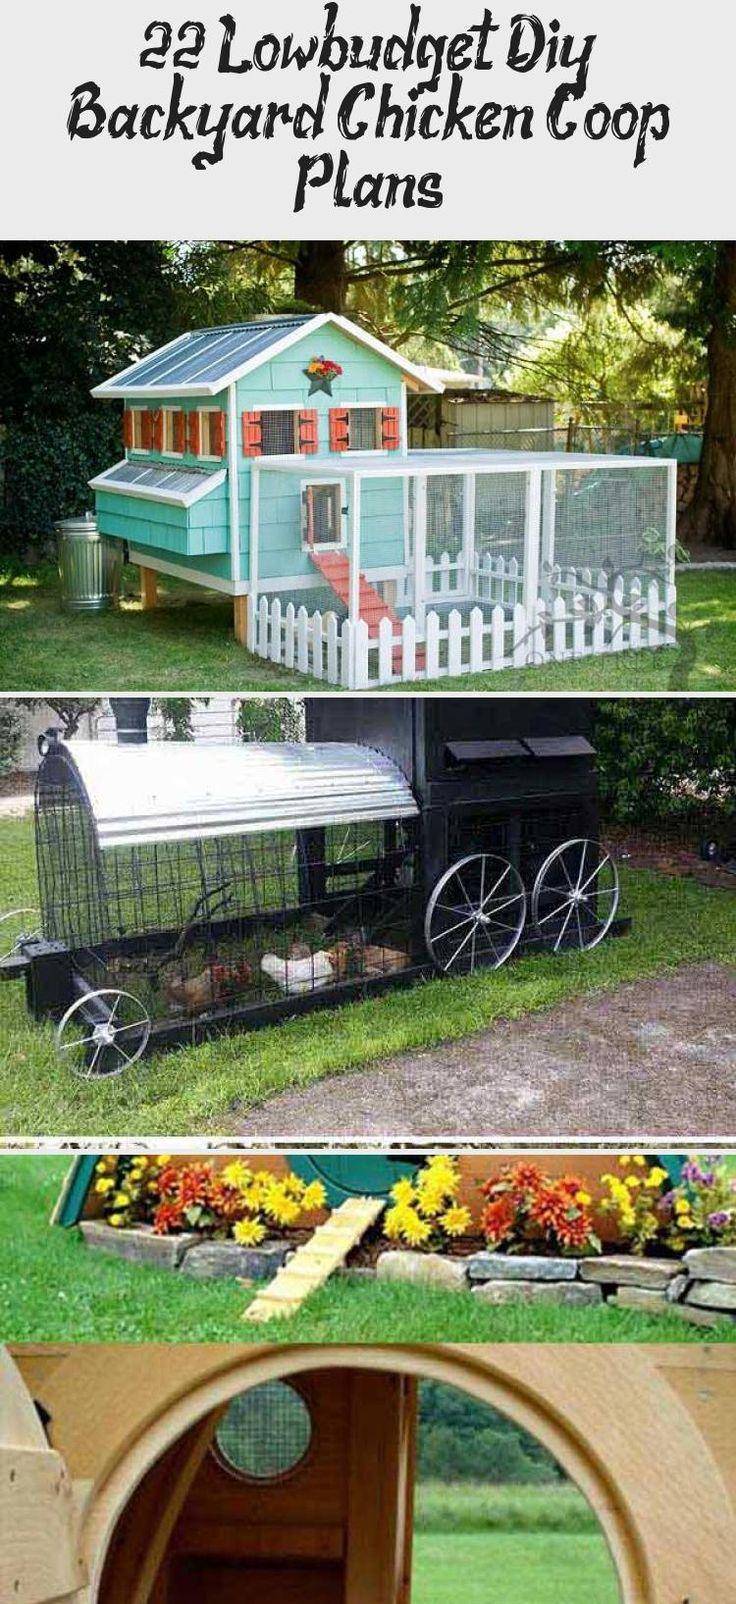 22 Low Budget Diy Backyard Chicken Coop Plans: Backyard Chicken Coop Plans, Chickens Backyard